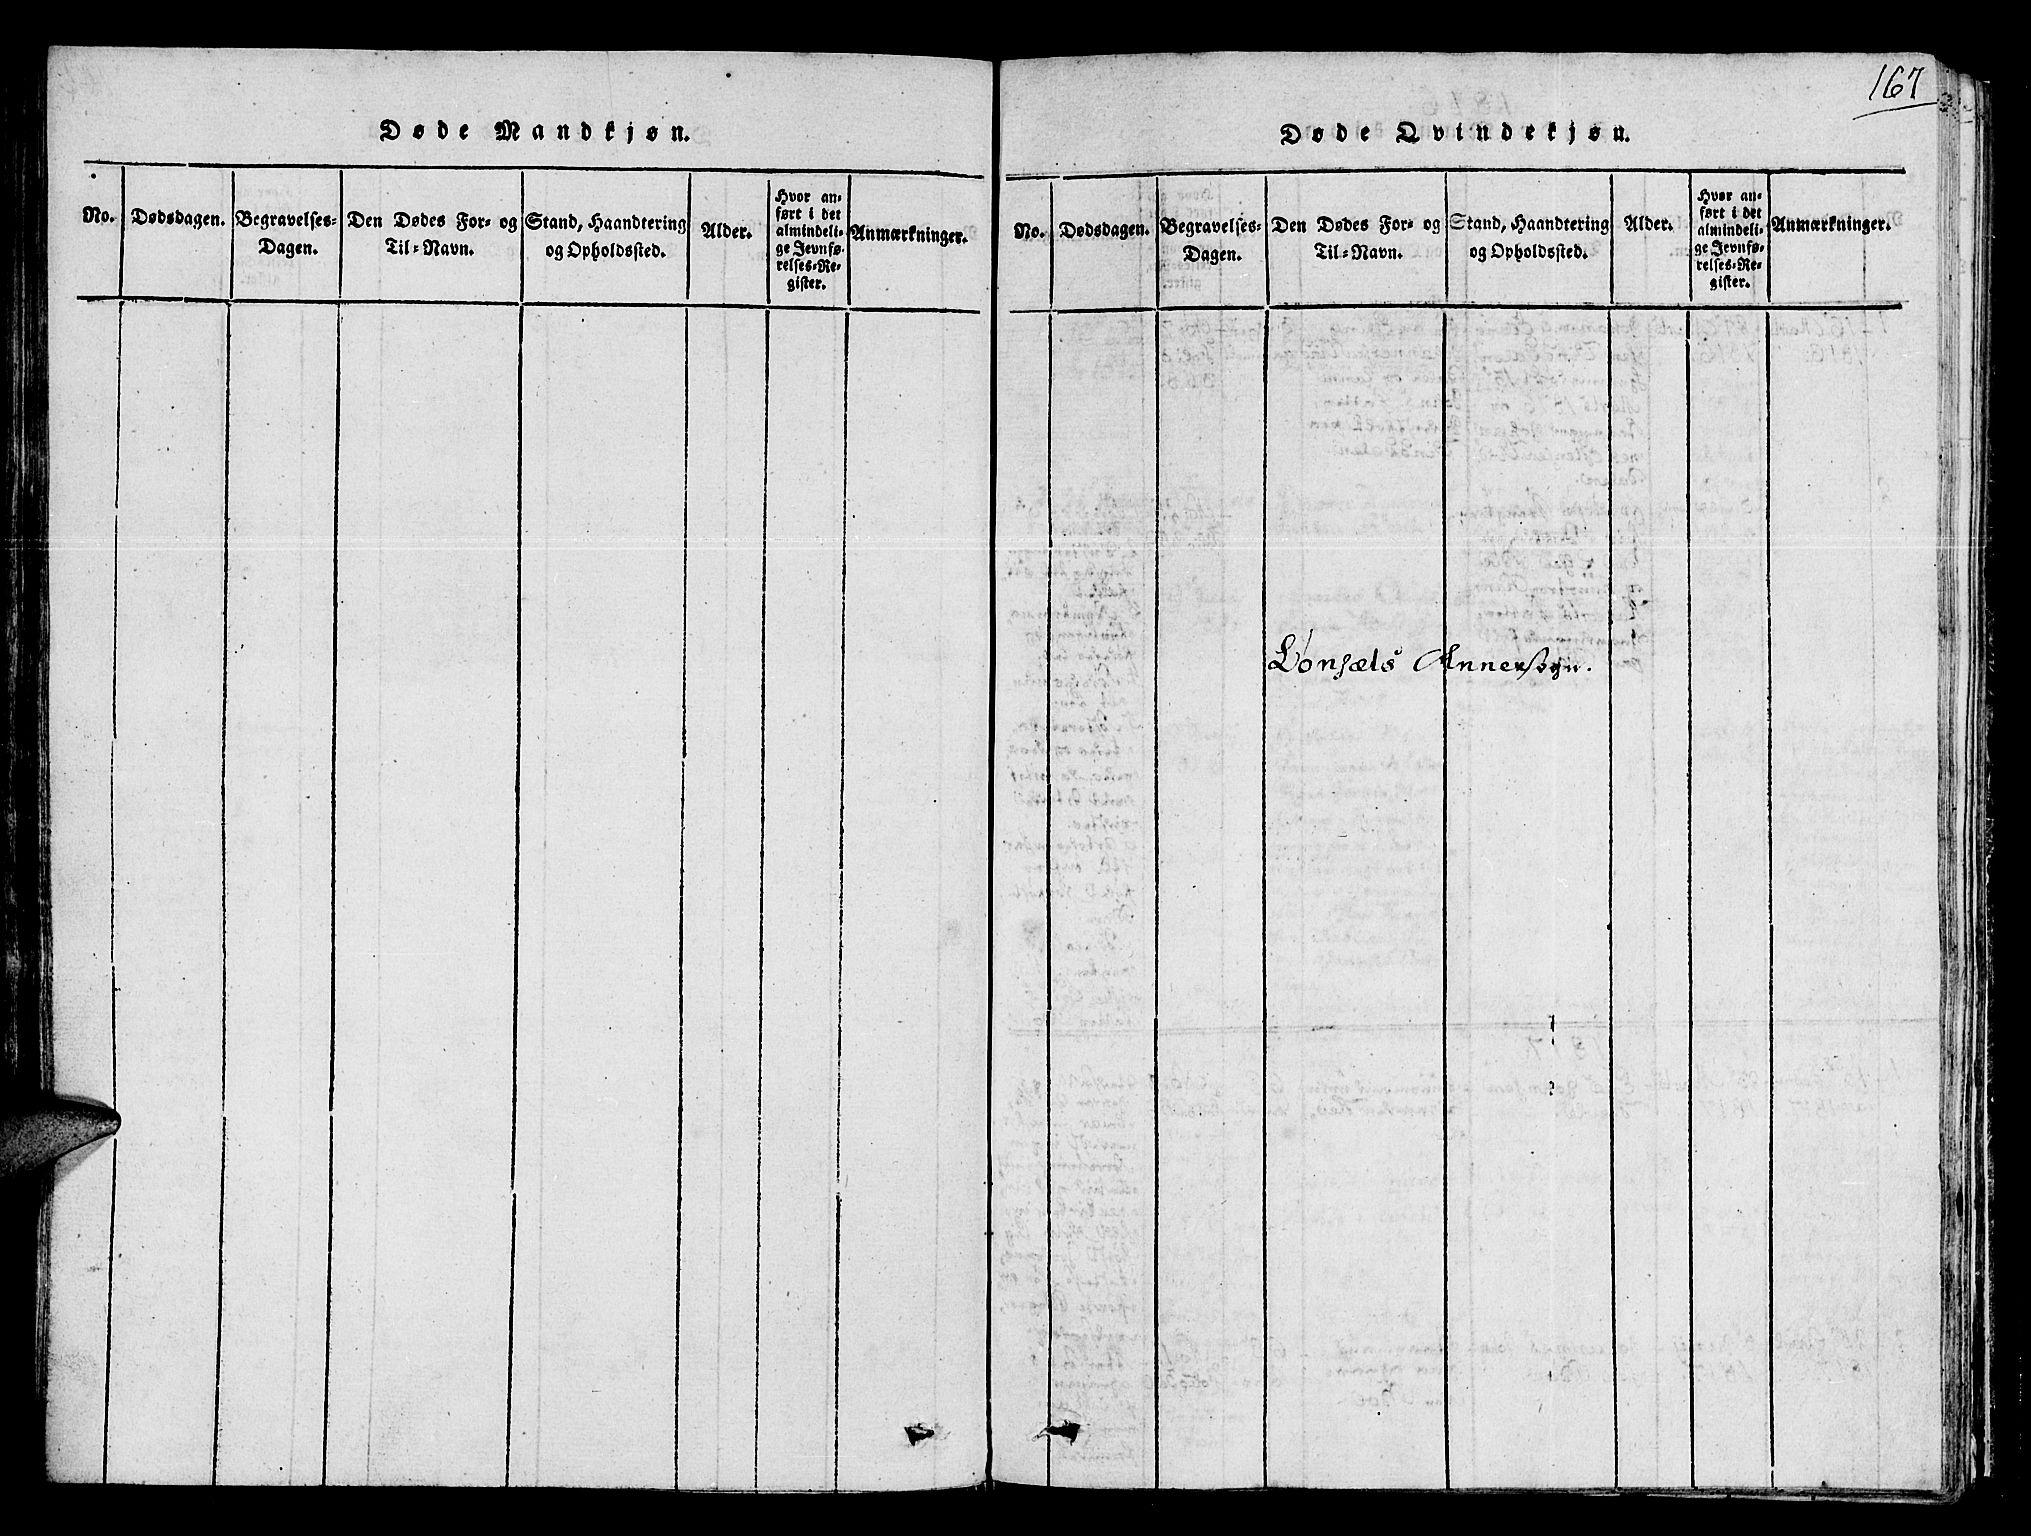 SAT, Ministerialprotokoller, klokkerbøker og fødselsregistre - Sør-Trøndelag, 678/L0896: Ministerialbok nr. 678A05 /2, 1816-1821, s. 167